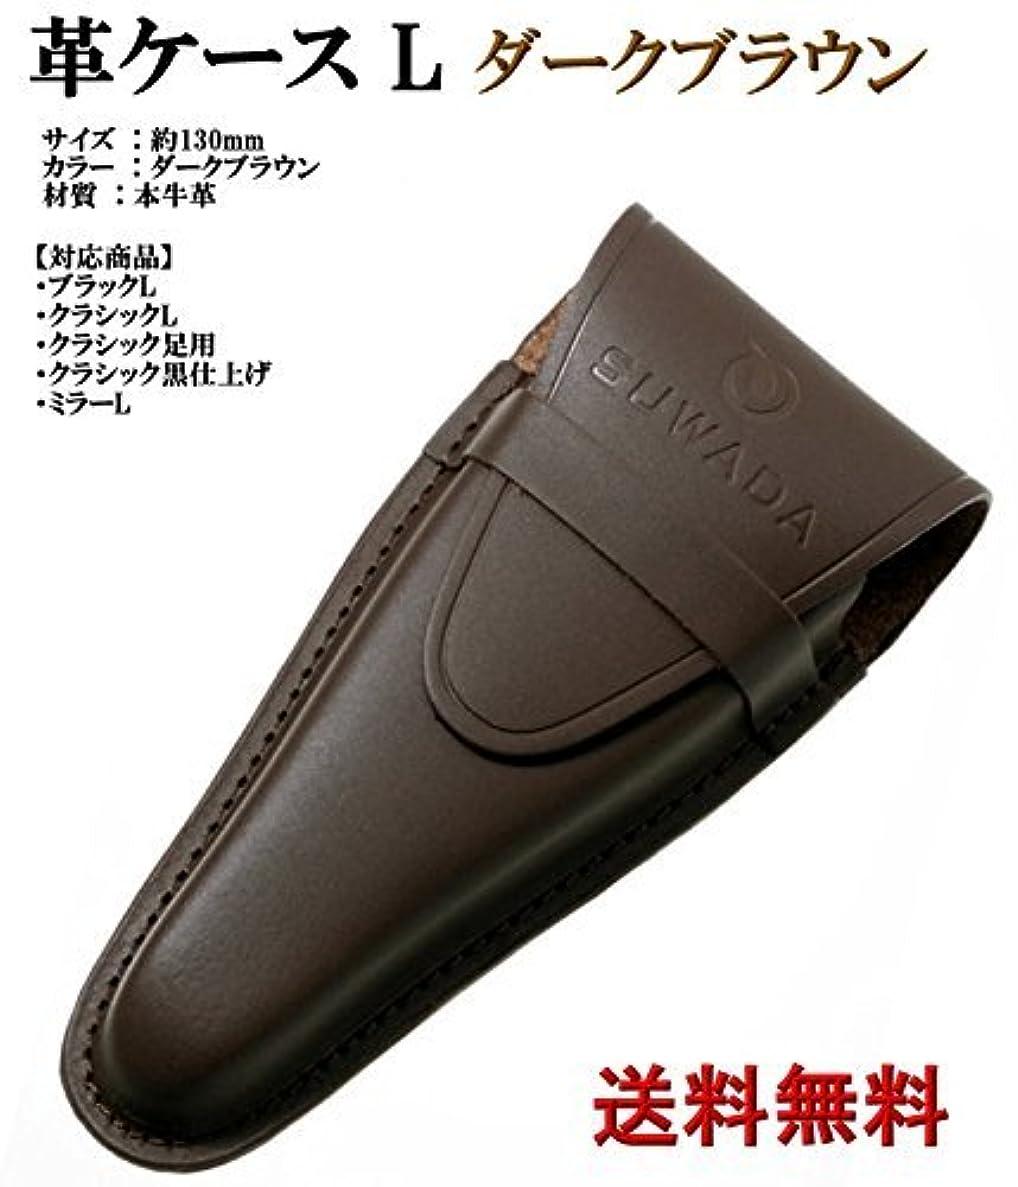 愛撫軌道申し立てられたSUWADA 爪きり用本革ケースL